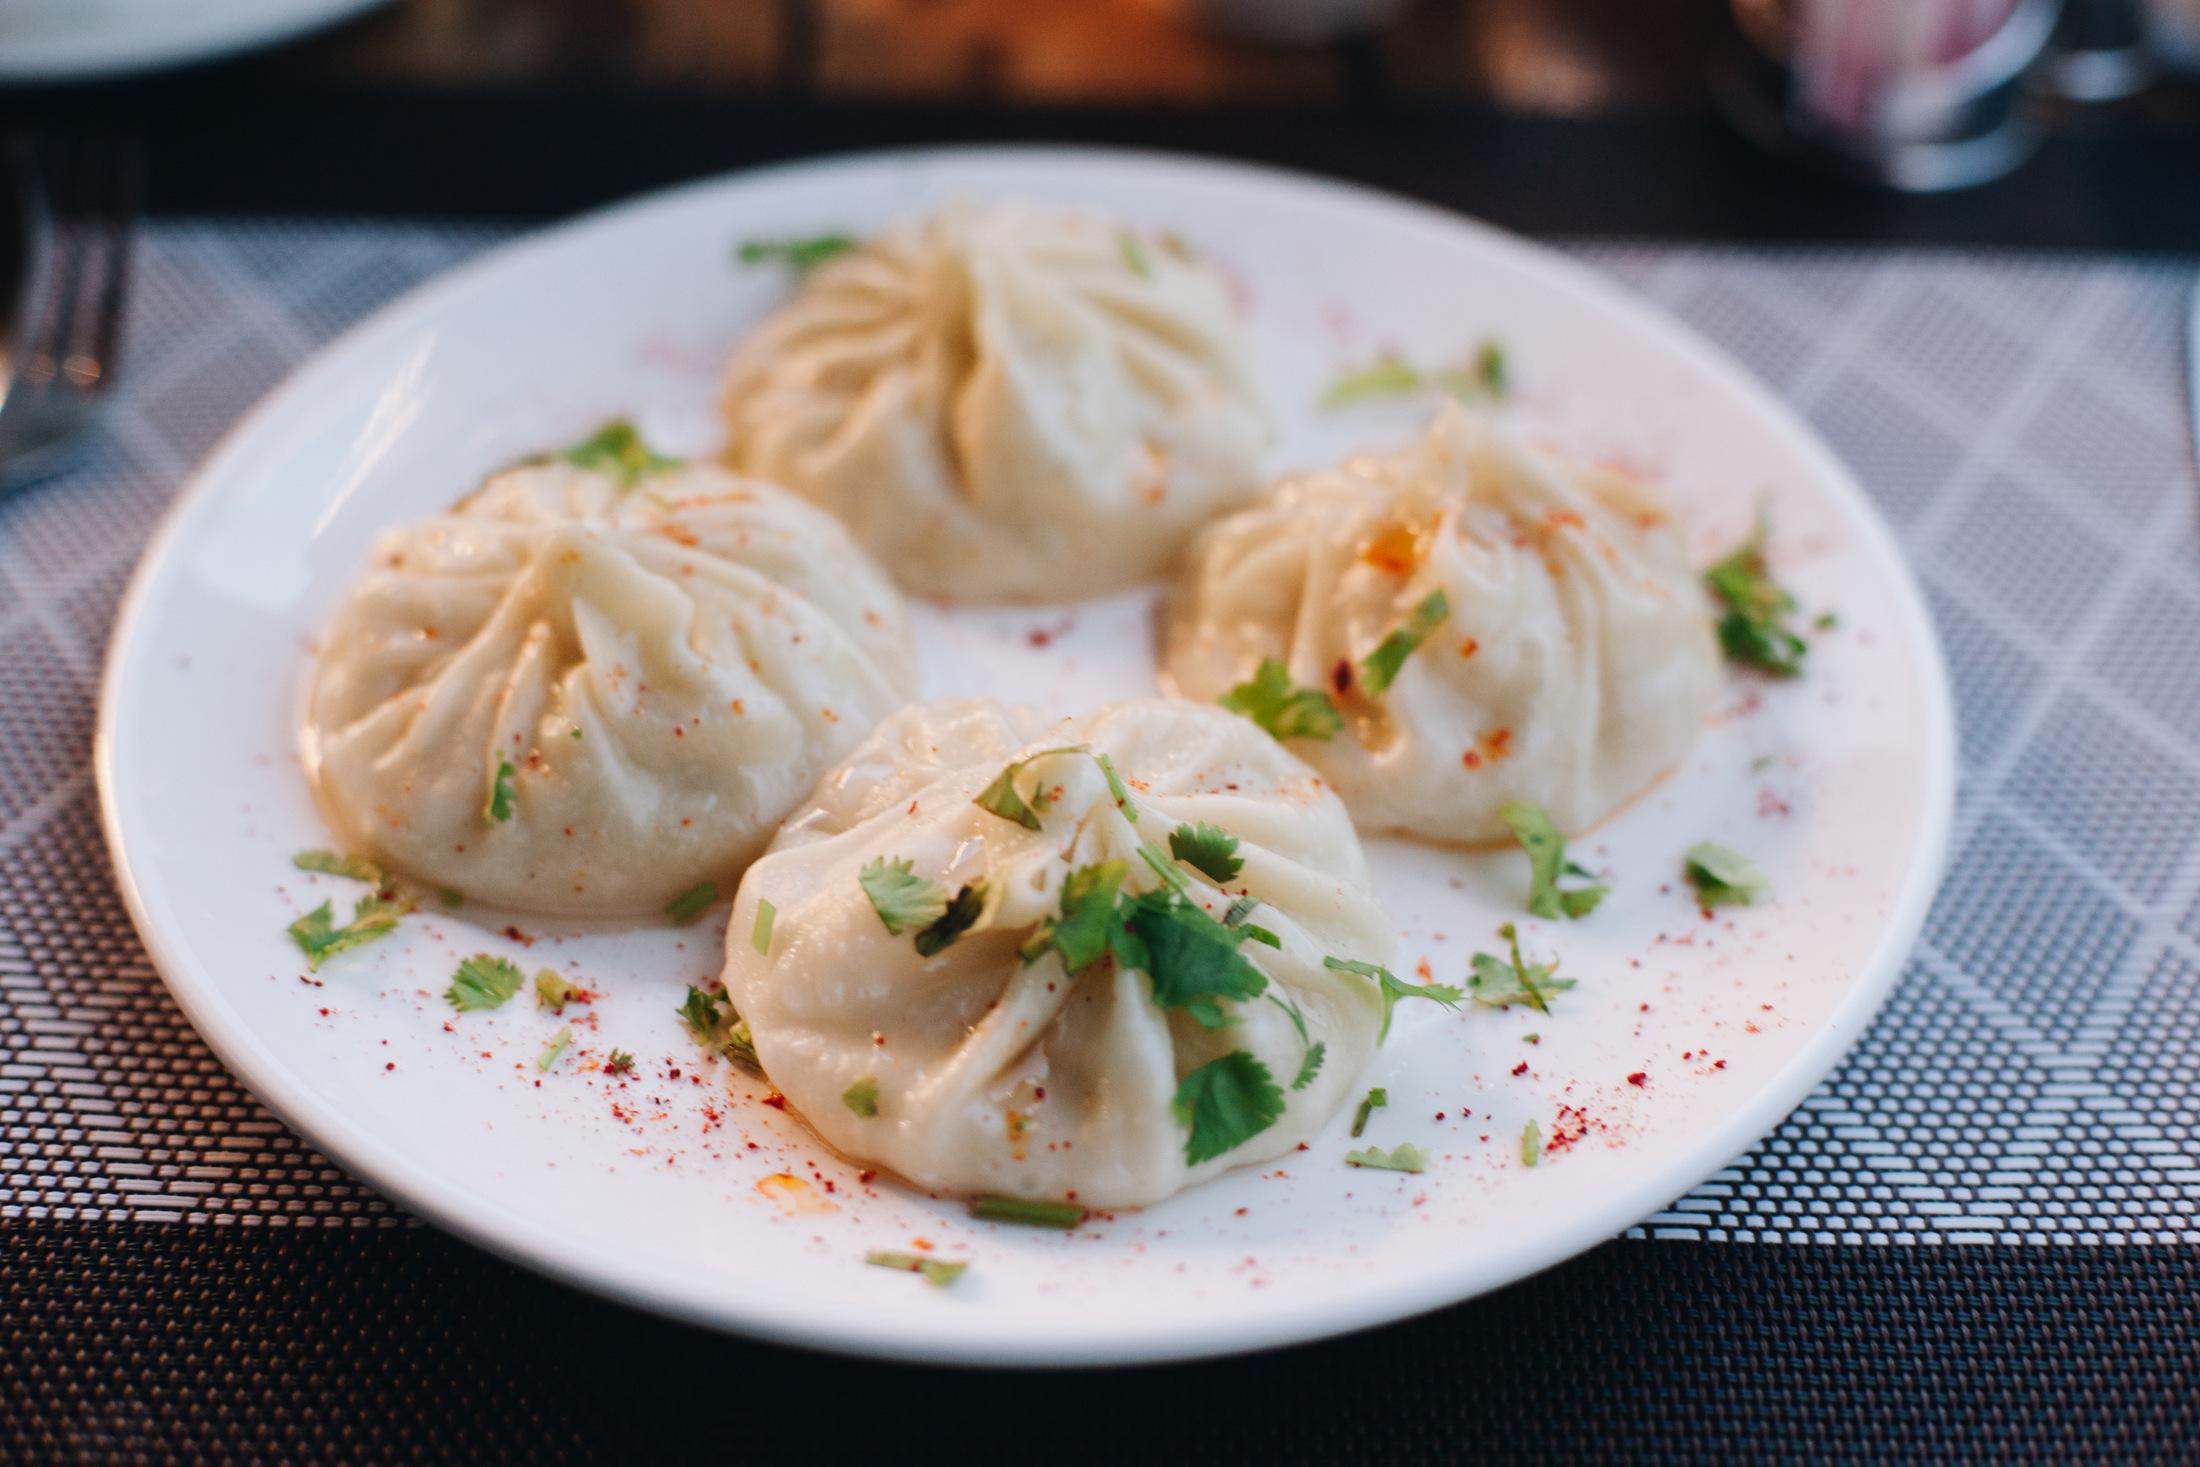 manti kuchnia uzbecka